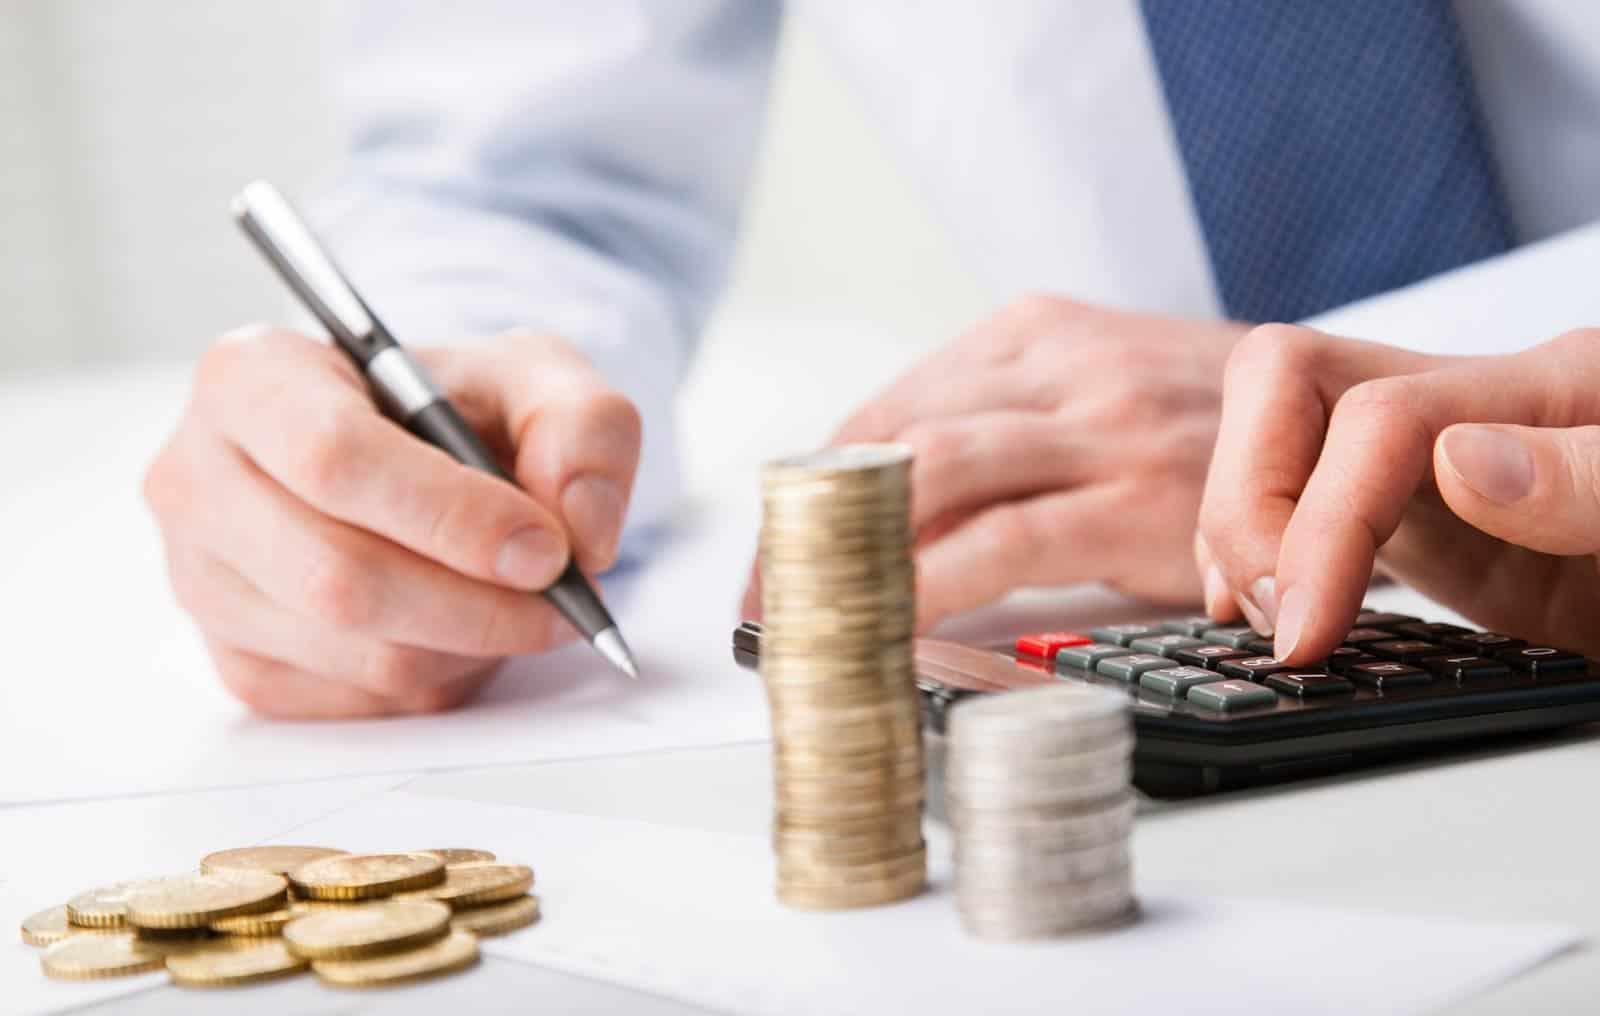 Erste banka brzi gotovinski krediti